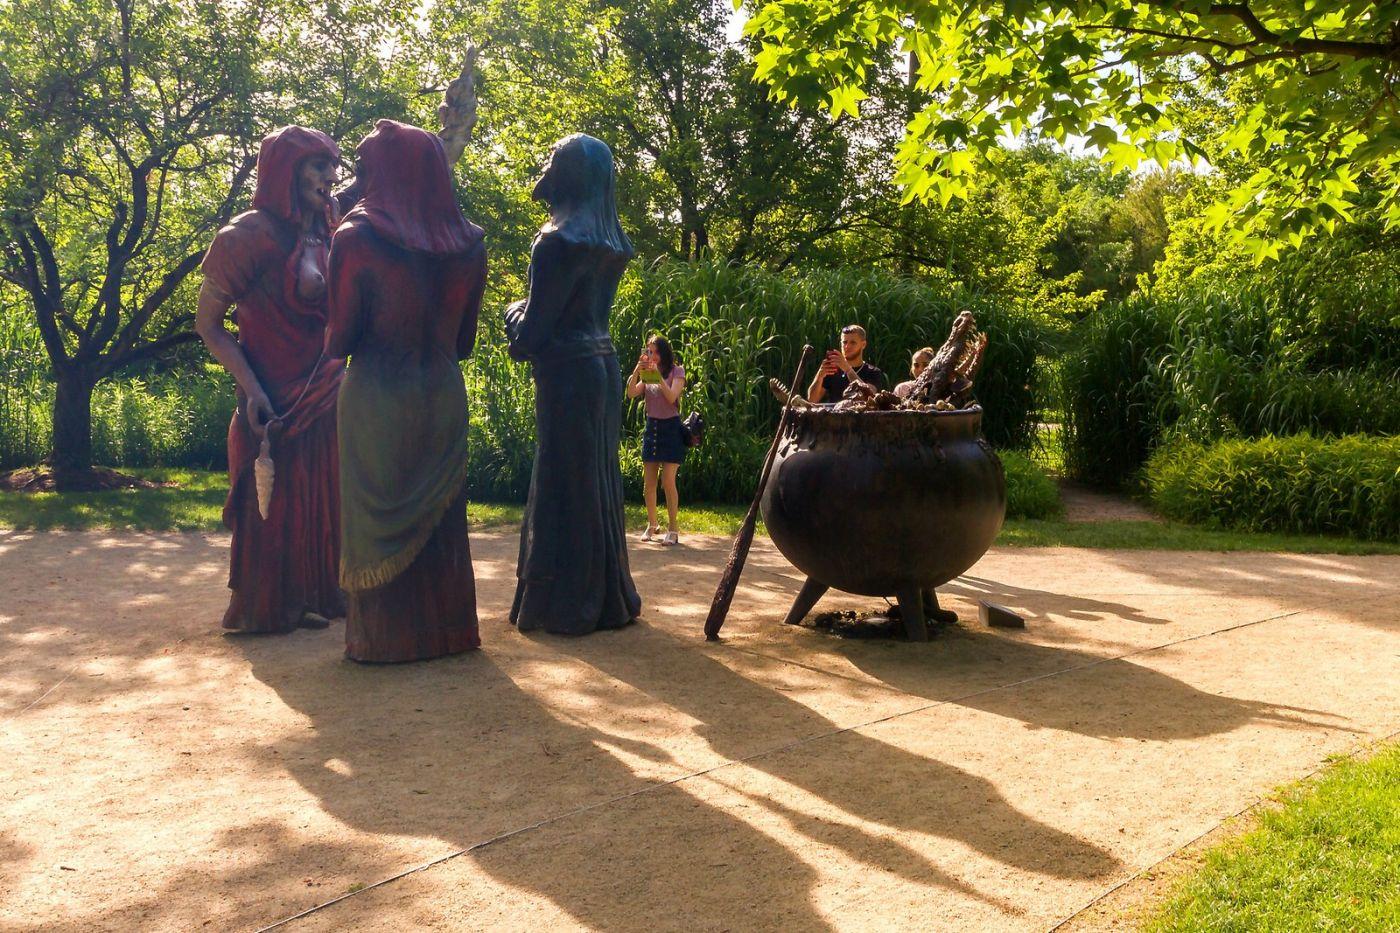 新泽西州雕塑公园(Grounds for scuplture),题材很广_图1-16